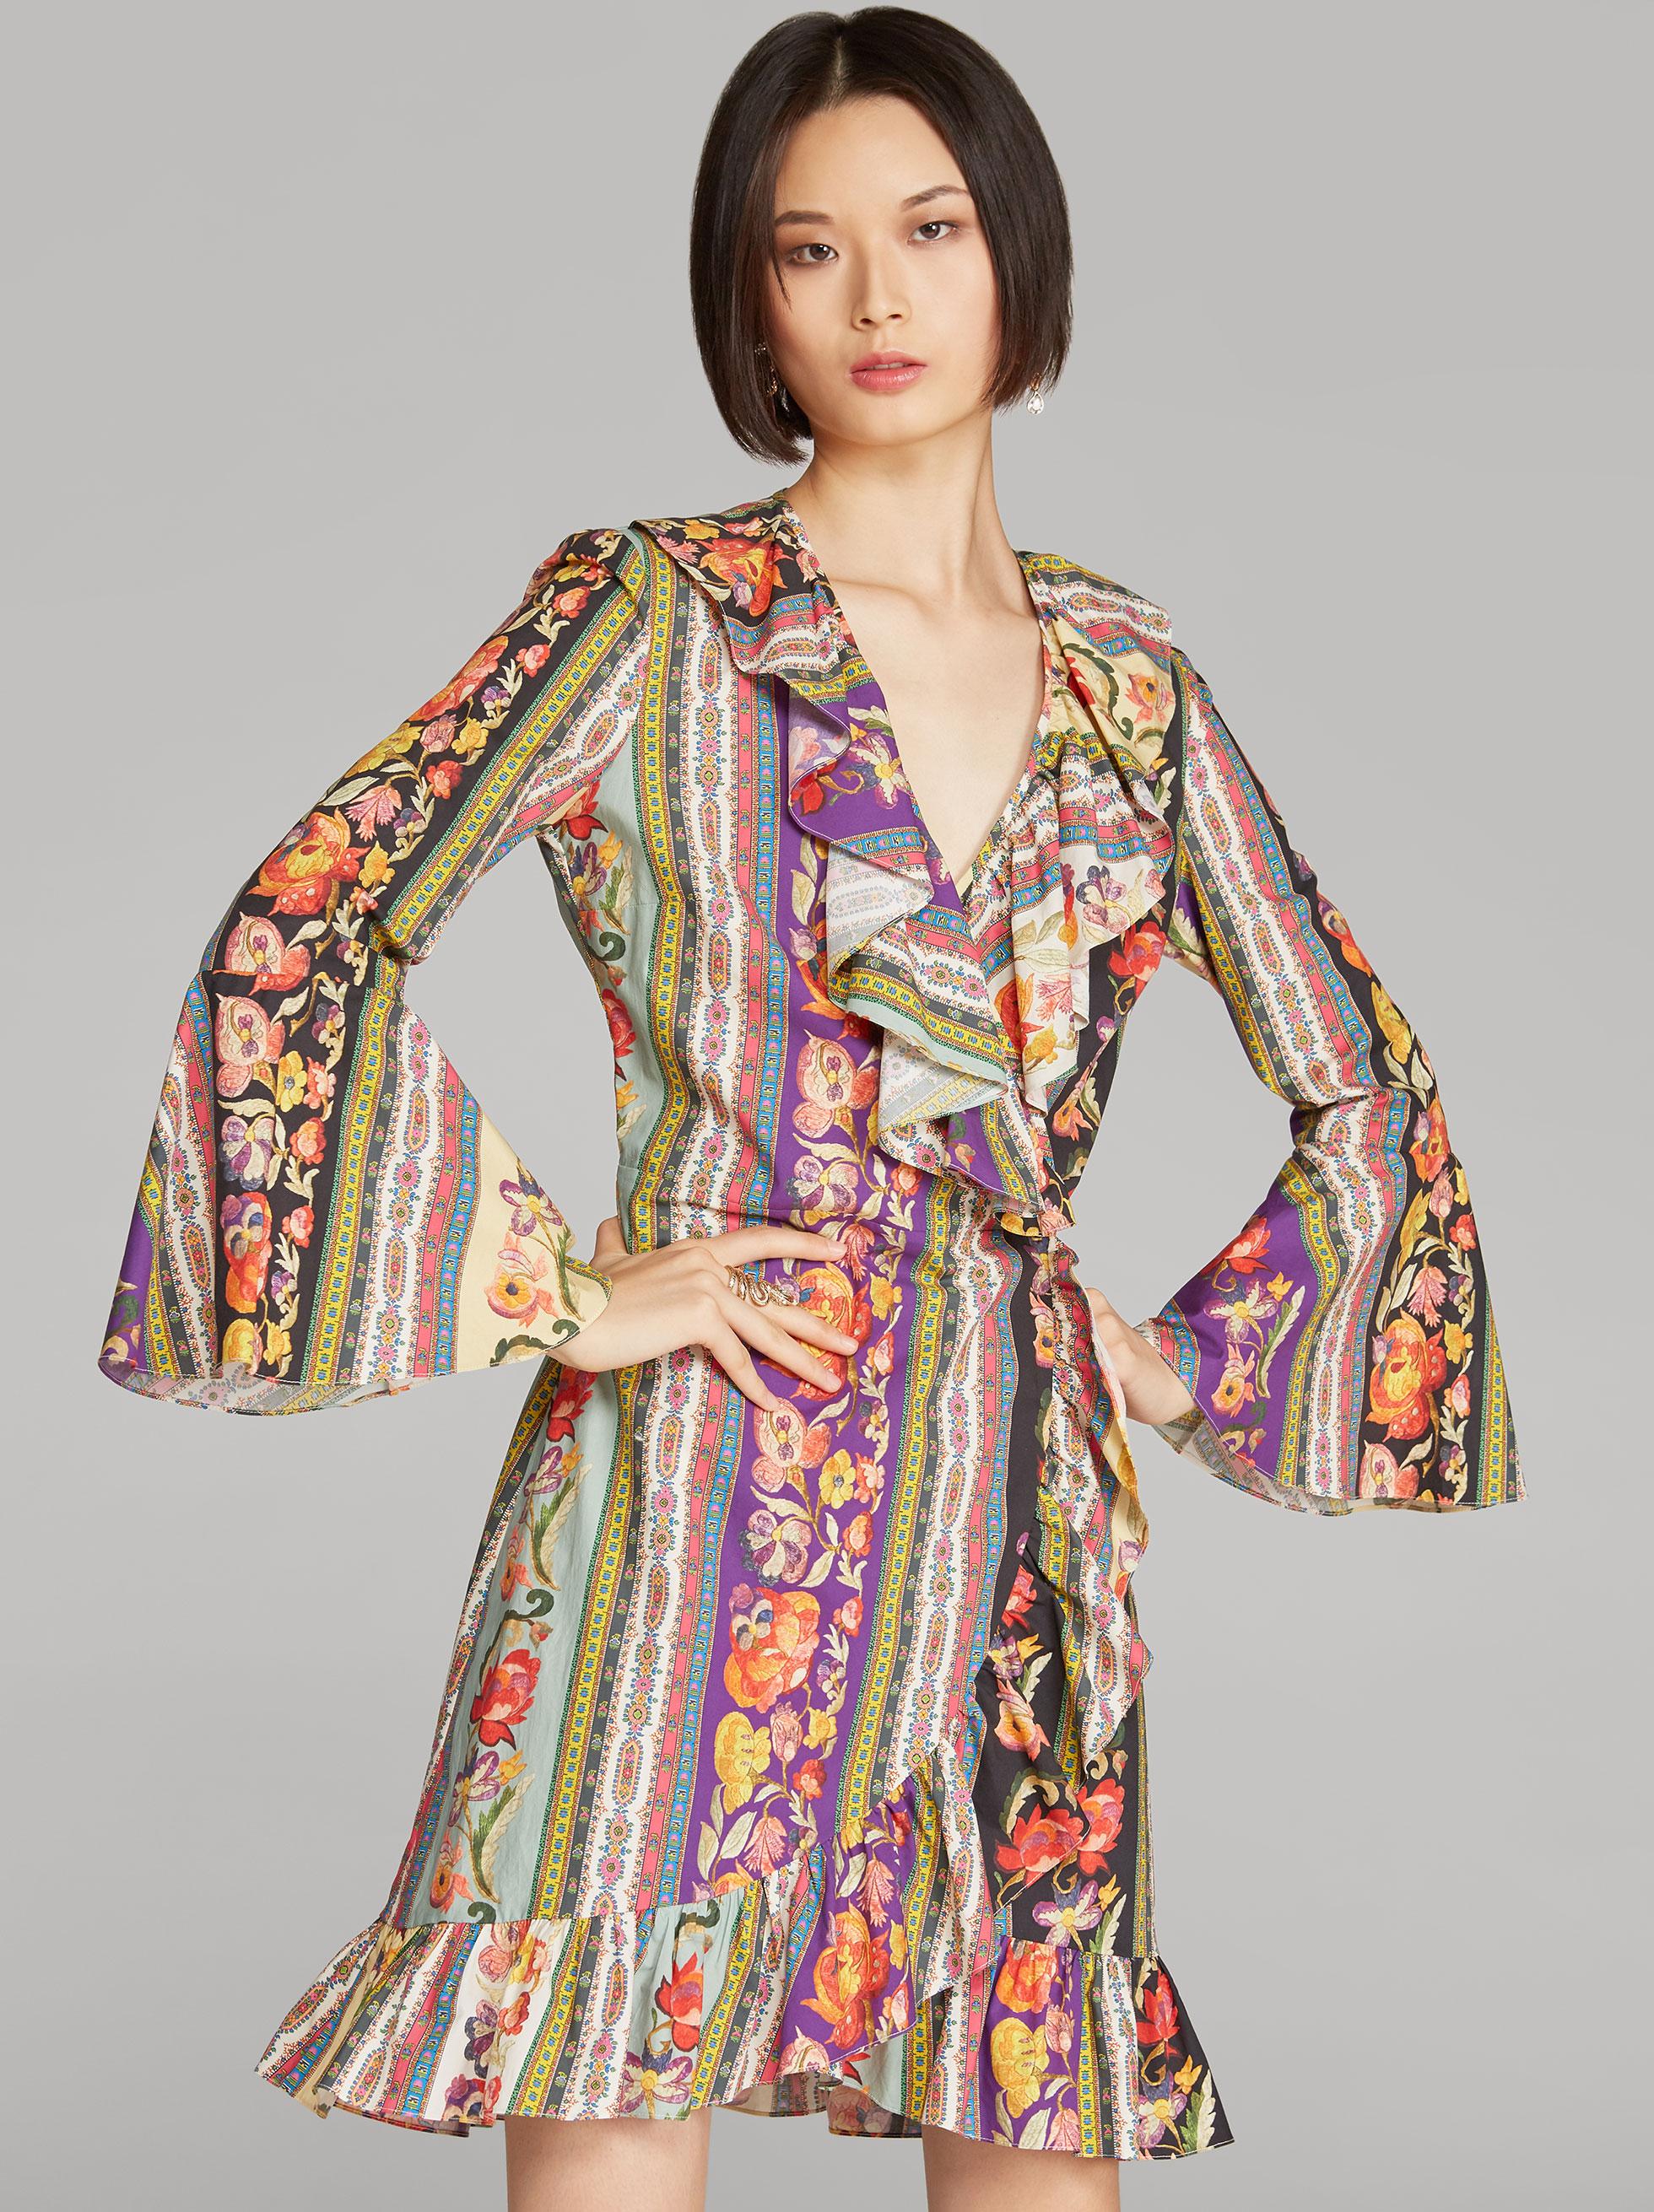 ETRO(エトロ) レディース花柄ドレス